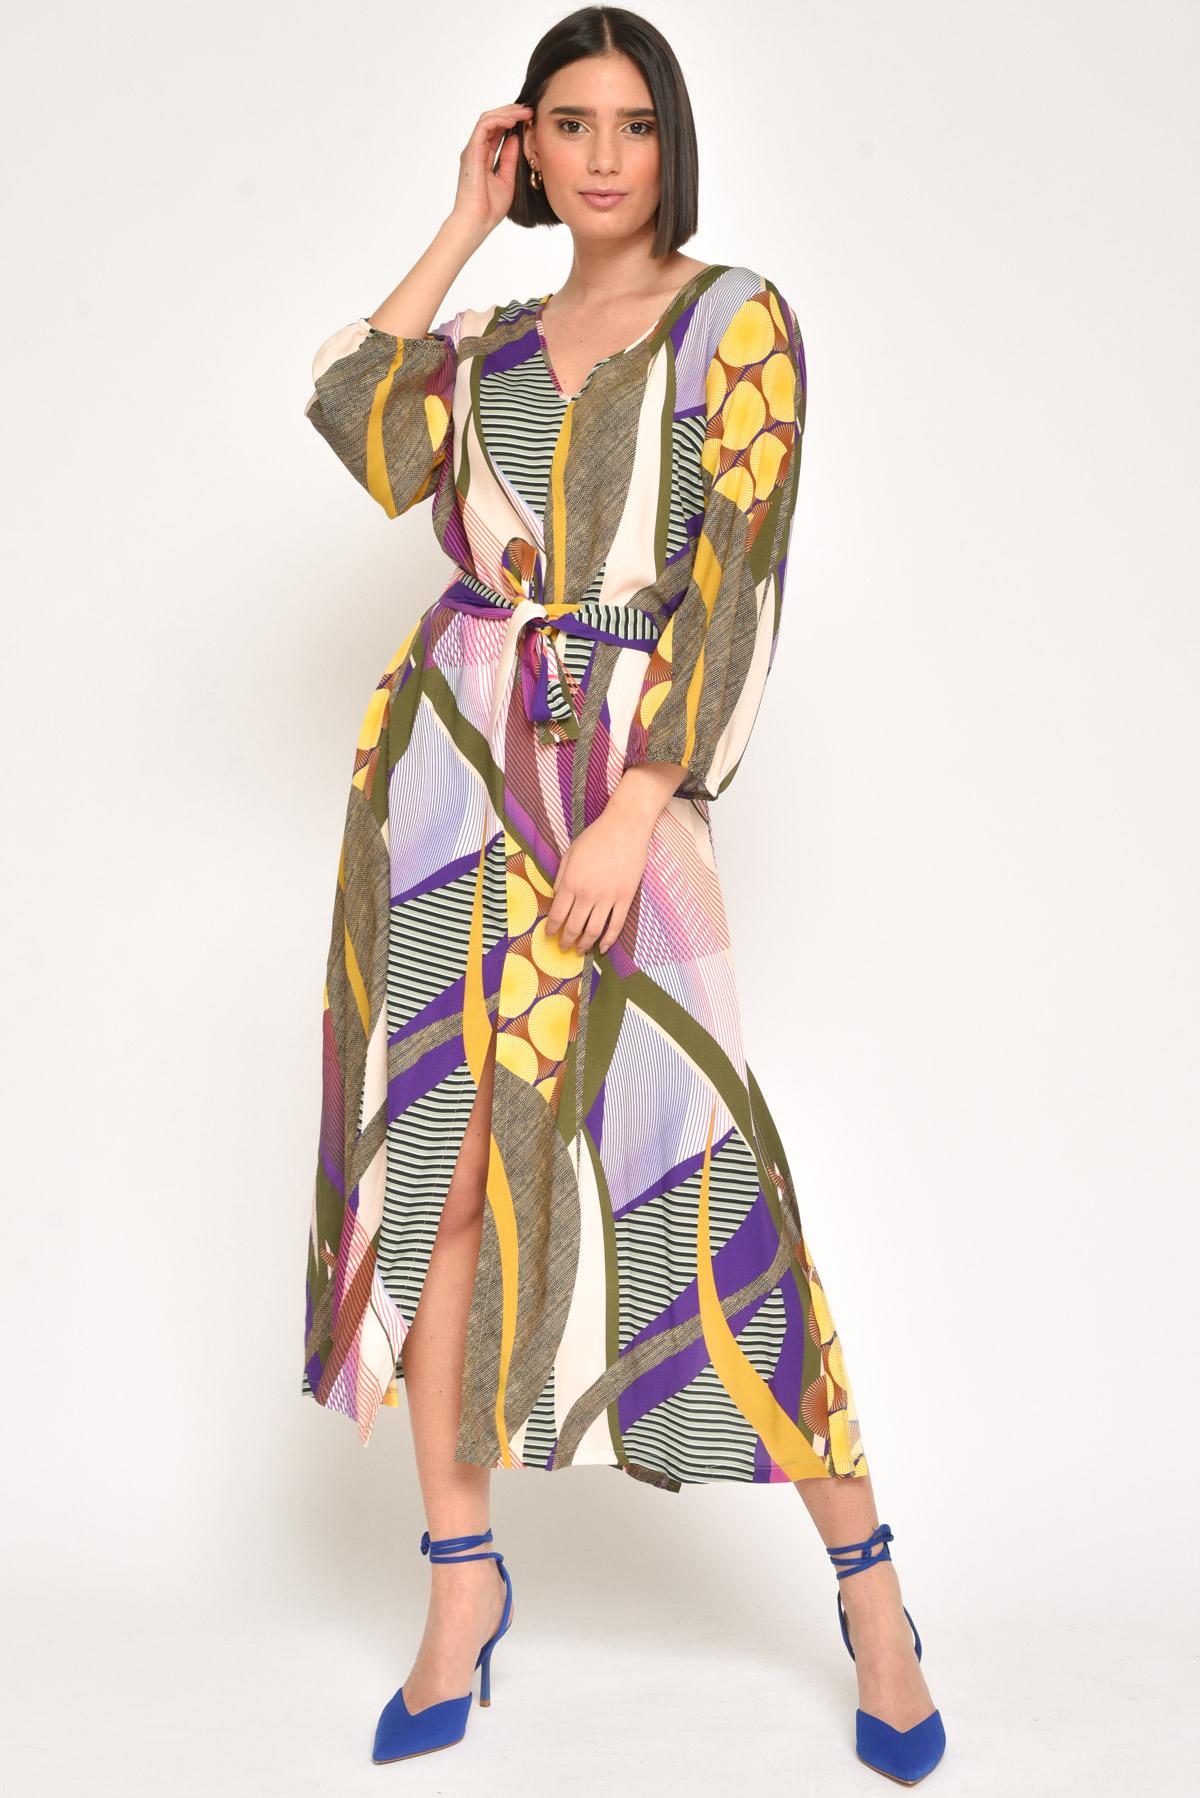 ABITO FANTASY 100% VISCOSA  da donna - MILITARE - Paquito Pronto Moda Shop Online